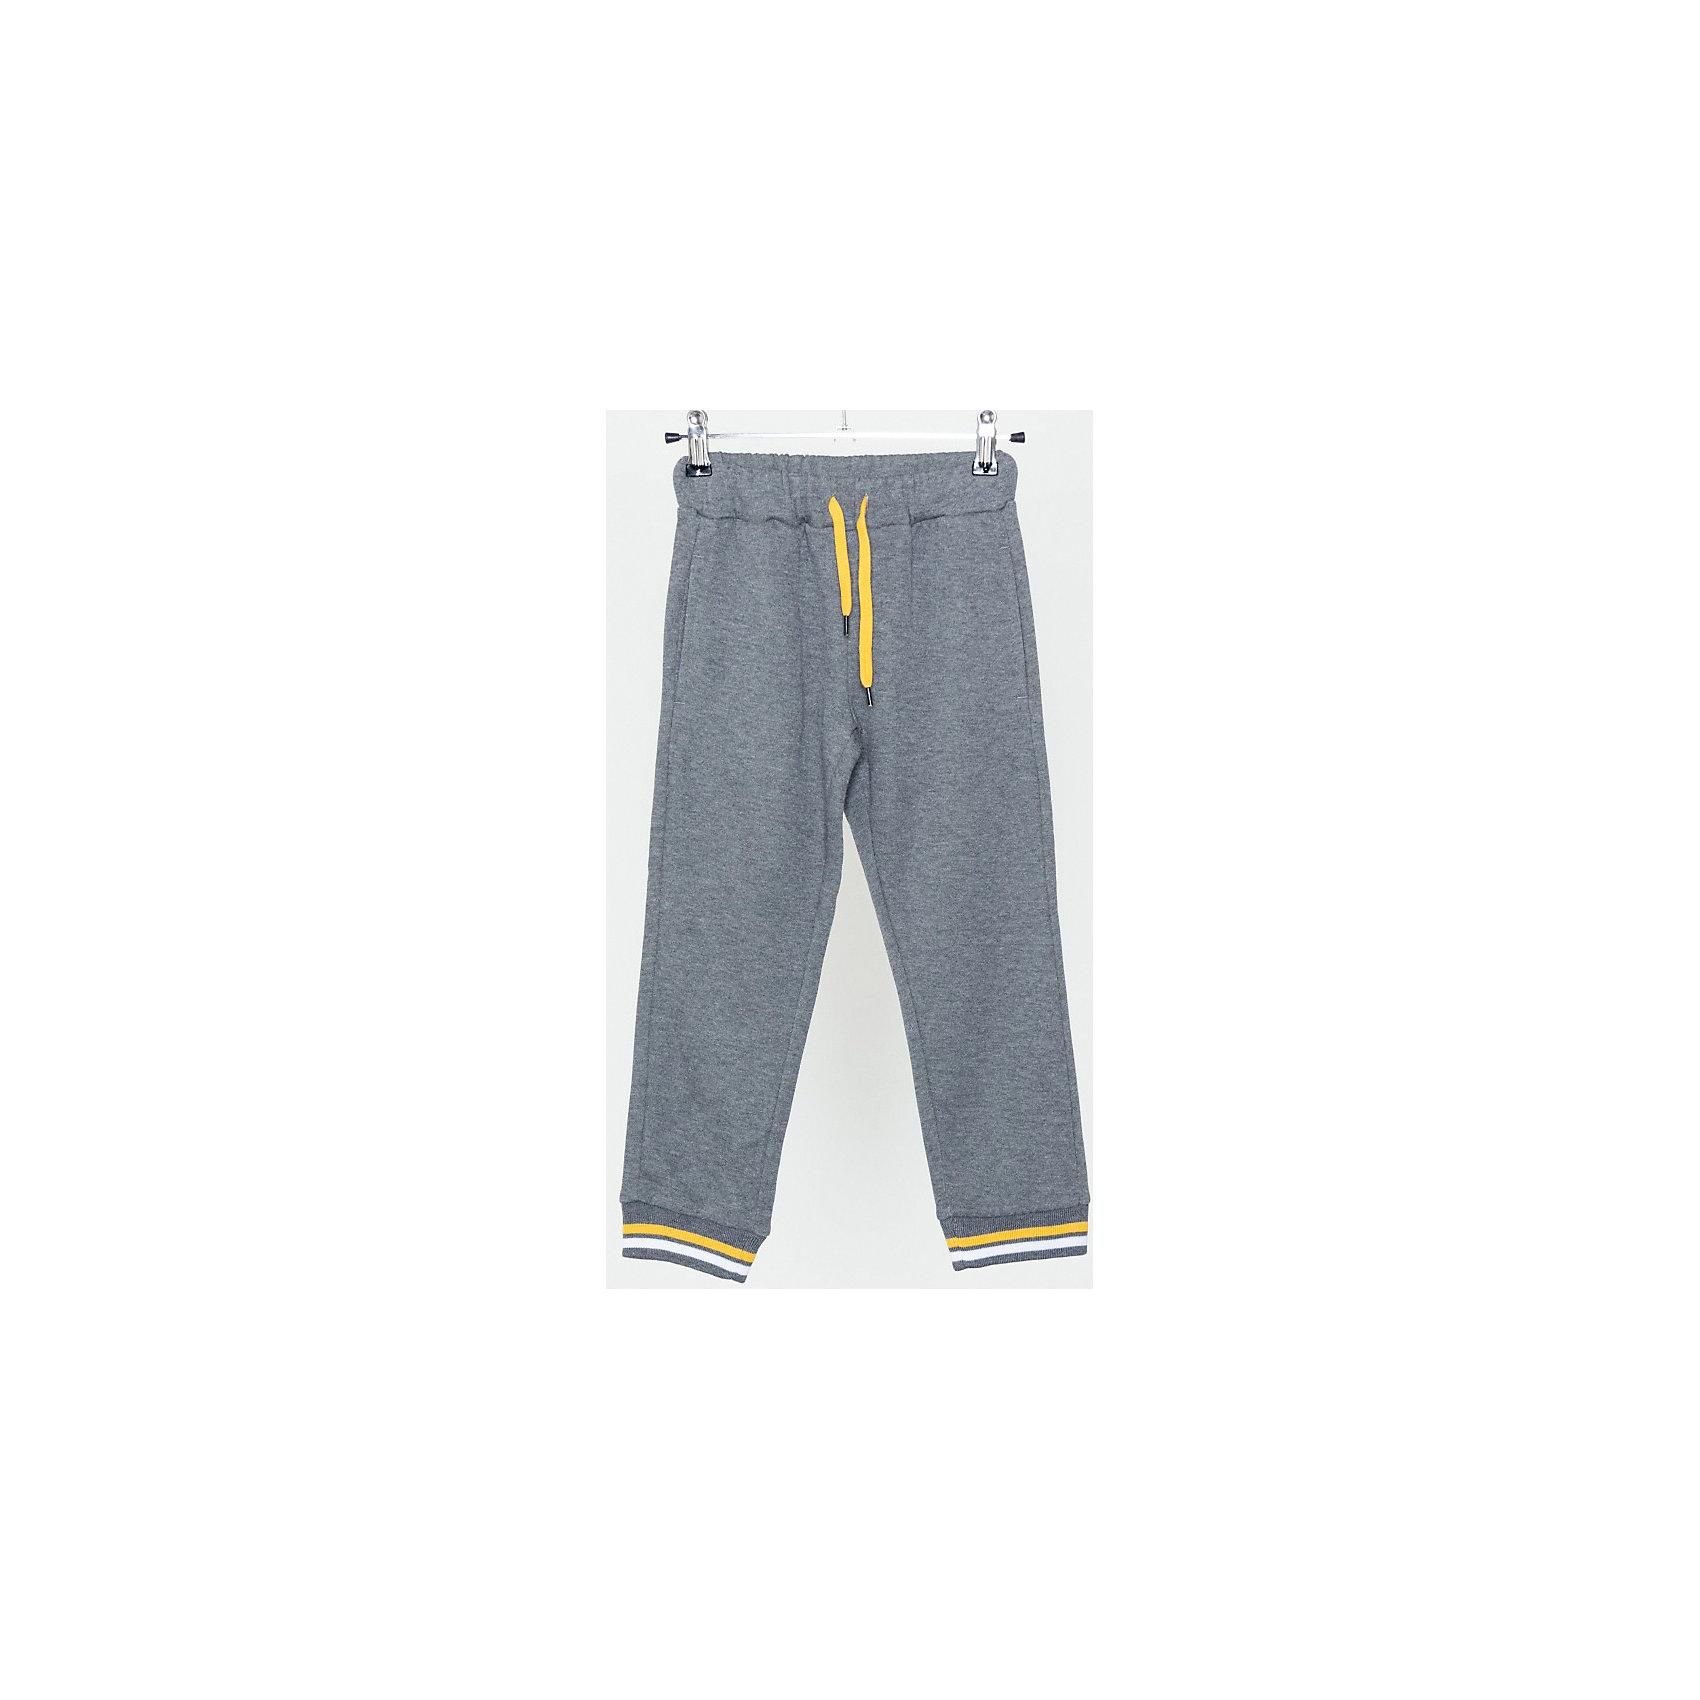 Брюки для мальчика SELAБрюки<br>Спортивные брюки - незаменимая вещь в детском гардеробе. Эта модель отлично сидит на ребенке, она сшита из приятного на ощупь материала, который обеспечивает ребенку комфорт. Модель станет отличной базовой вещью, которая будет уместна в различных сочетаниях.<br>Одежда от бренда Sela (Села) - это качество по приемлемым ценам. Многие российские родители уже оценили преимущества продукции этой компании и всё чаще приобретают одежду и аксессуары Sela.<br><br>Дополнительная информация:<br><br>материал: 80% хлопок, 20% ПЭ;<br>удобная посадка;<br>резинка и шнурок в поясе.<br><br>Брюки для мальчика от бренда Sela можно купить в нашем интернет-магазине.<br><br>Ширина мм: 215<br>Глубина мм: 88<br>Высота мм: 191<br>Вес г: 336<br>Цвет: серый<br>Возраст от месяцев: 24<br>Возраст до месяцев: 36<br>Пол: Мужской<br>Возраст: Детский<br>Размер: 98,116,92,104,110<br>SKU: 4919480